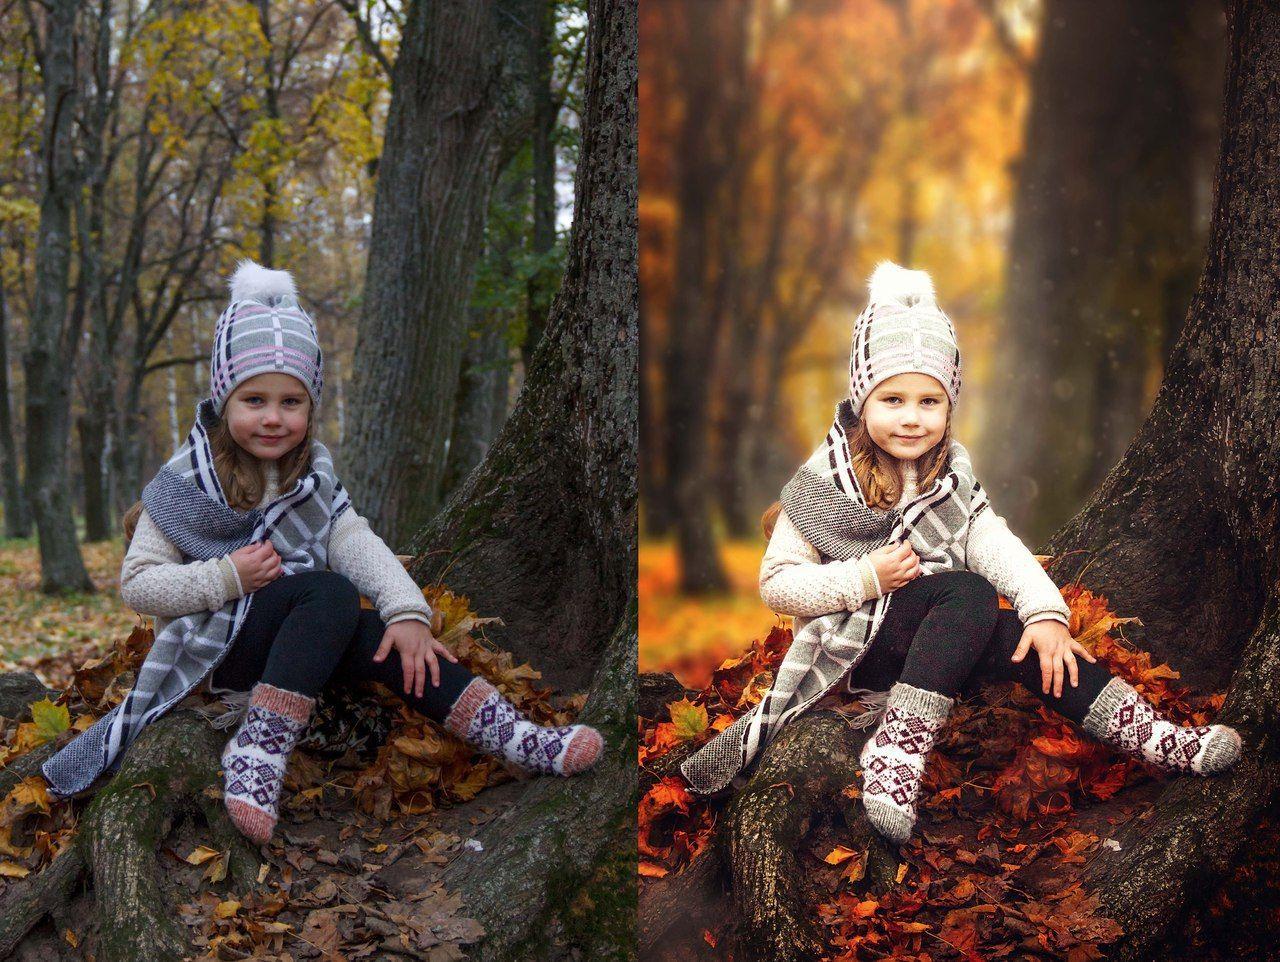 Фильтры для фотосъемки поздней осени